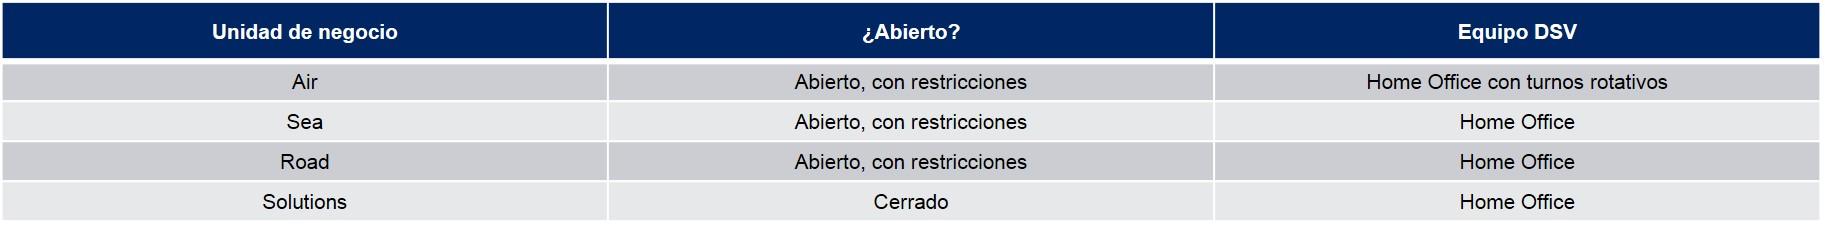 Tabla Operaciones Ecuador COVID-19 15/05/20